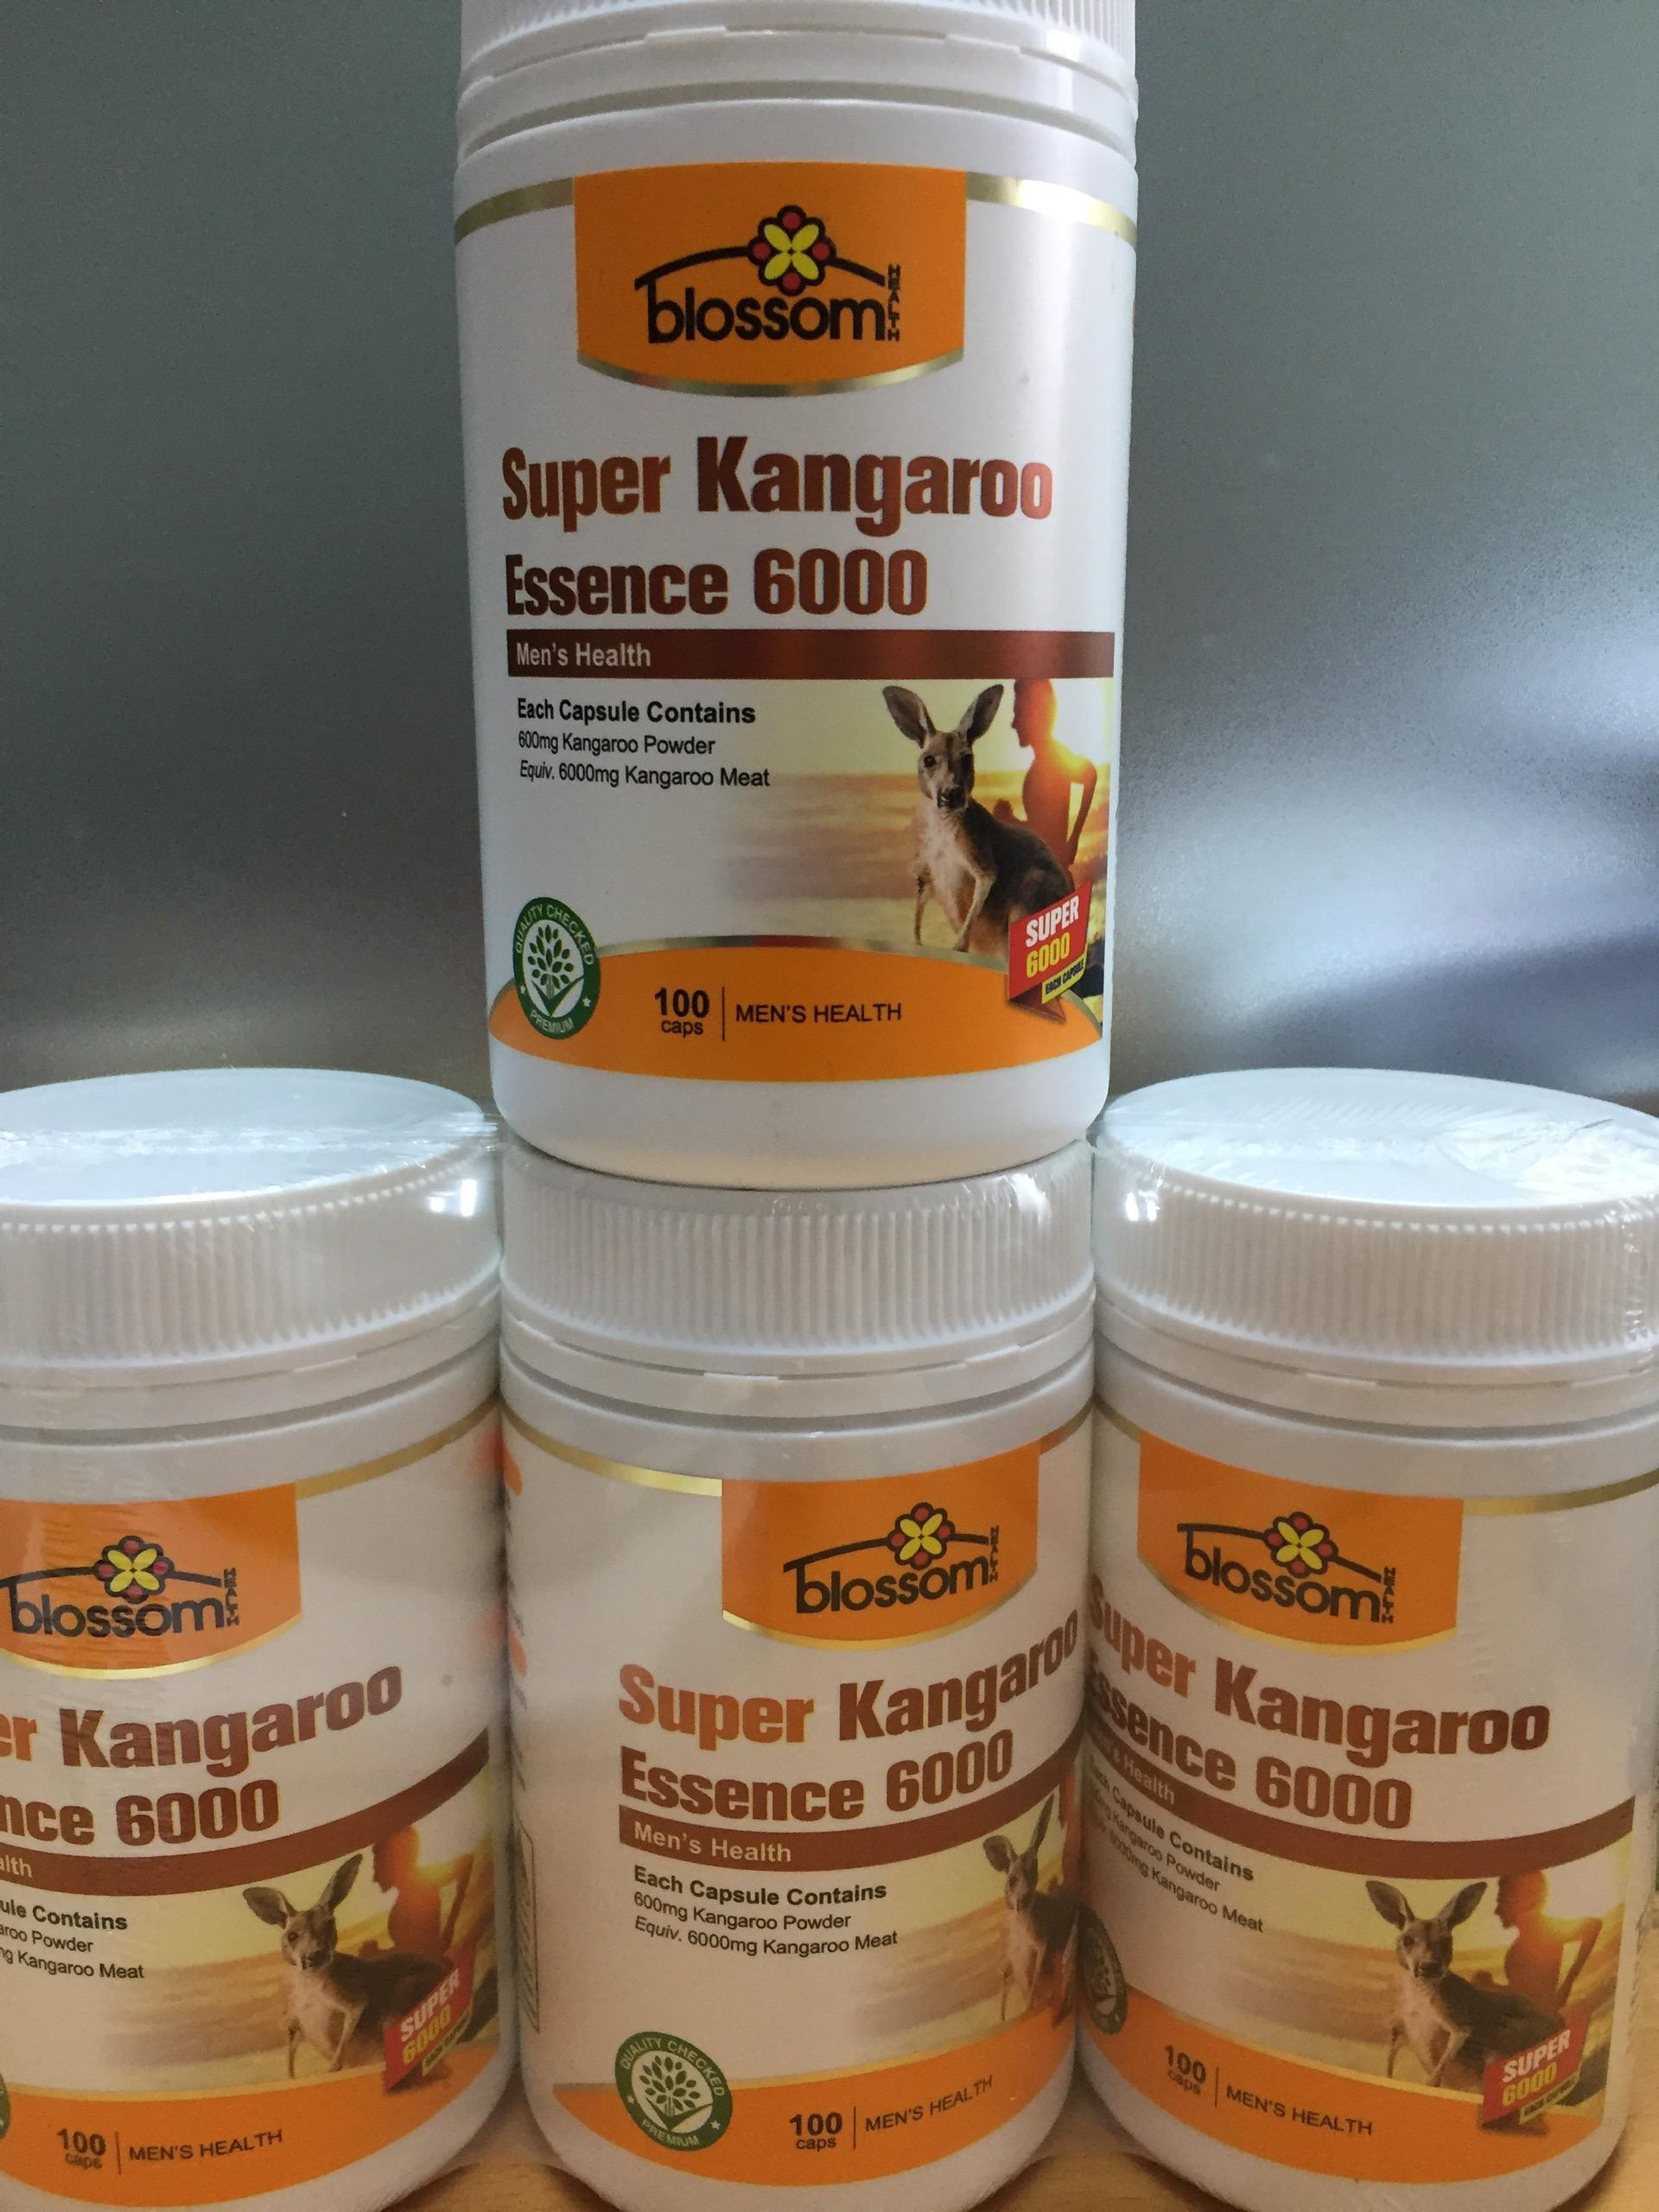 Viên Uống Hỗ Trợ Sinh Lý Nam Giới Blossom Super Kangaroo Essence 6000 1